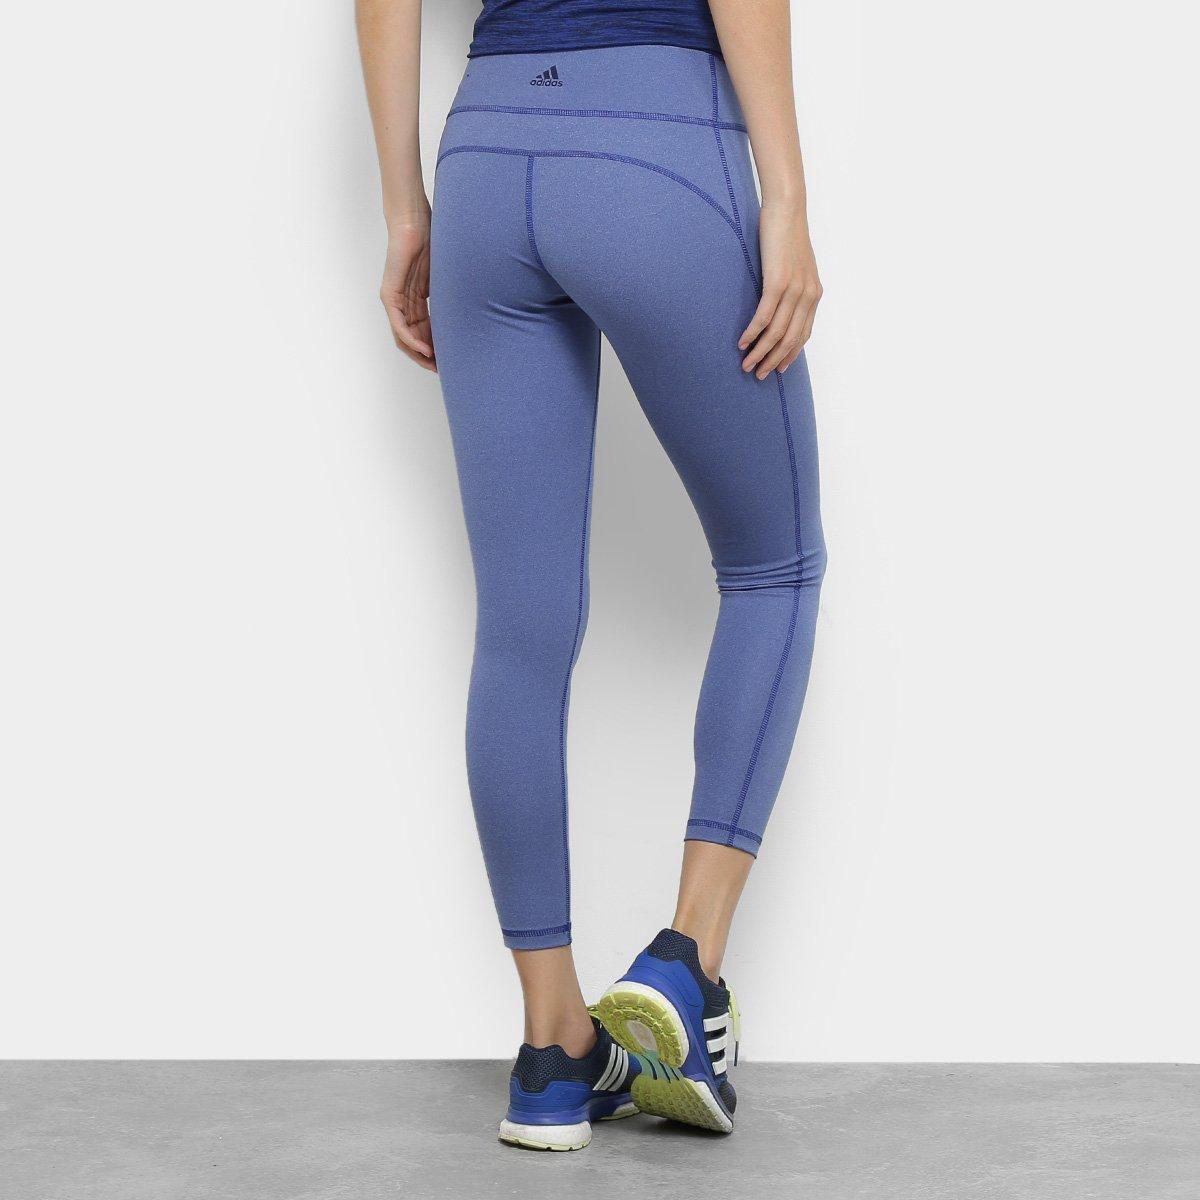 ff36b606ace7bb Calça Legging Adidas Believe This 7/8 Feminina | Livelo -Sua Vida ...